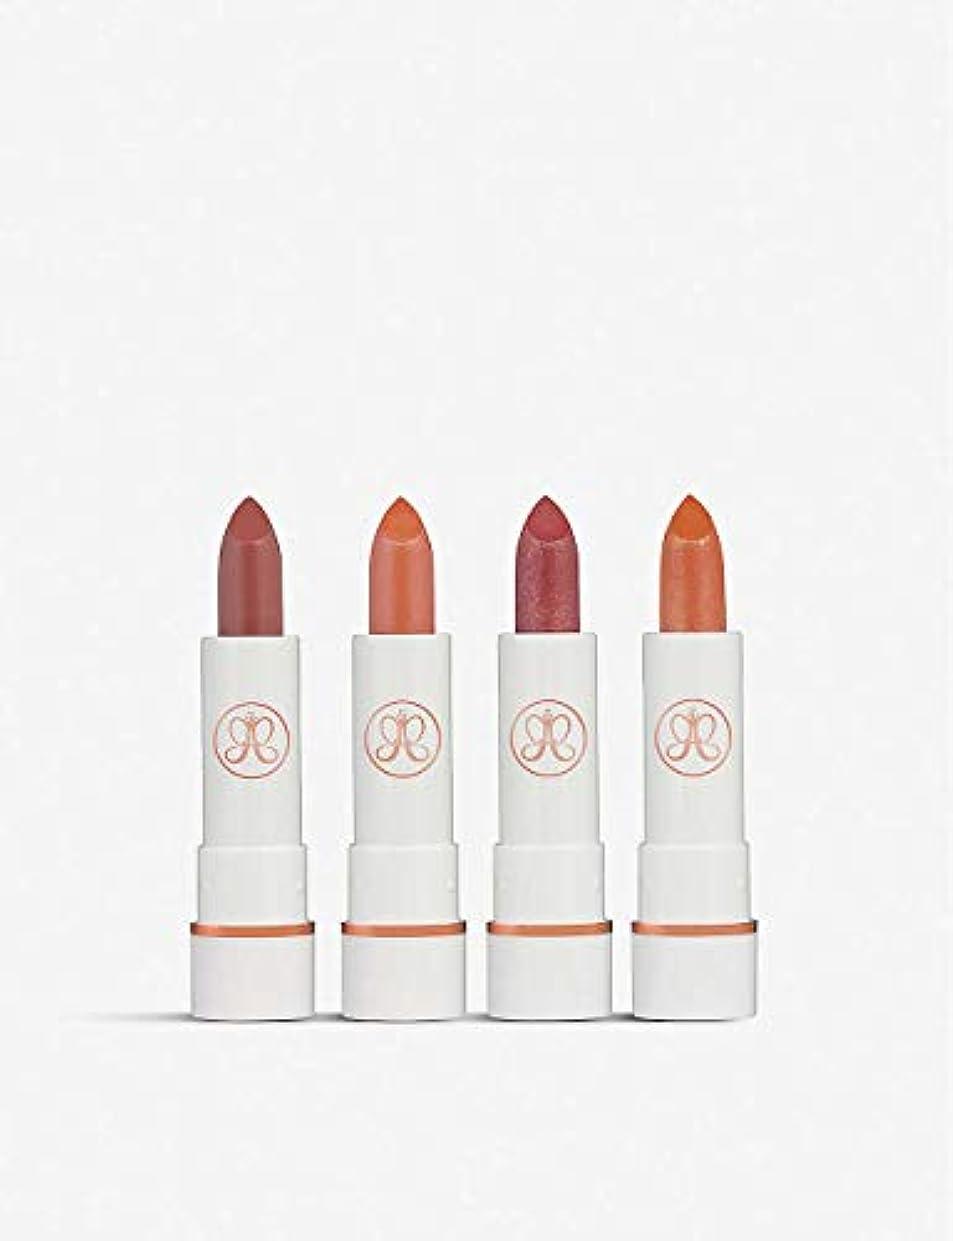 銀河全滅させる成果Mini matte lipsticks set of four ミニサイズ マットリップステック 4本x1.3g Guava/Coconut/Orange Blossom/Lychee